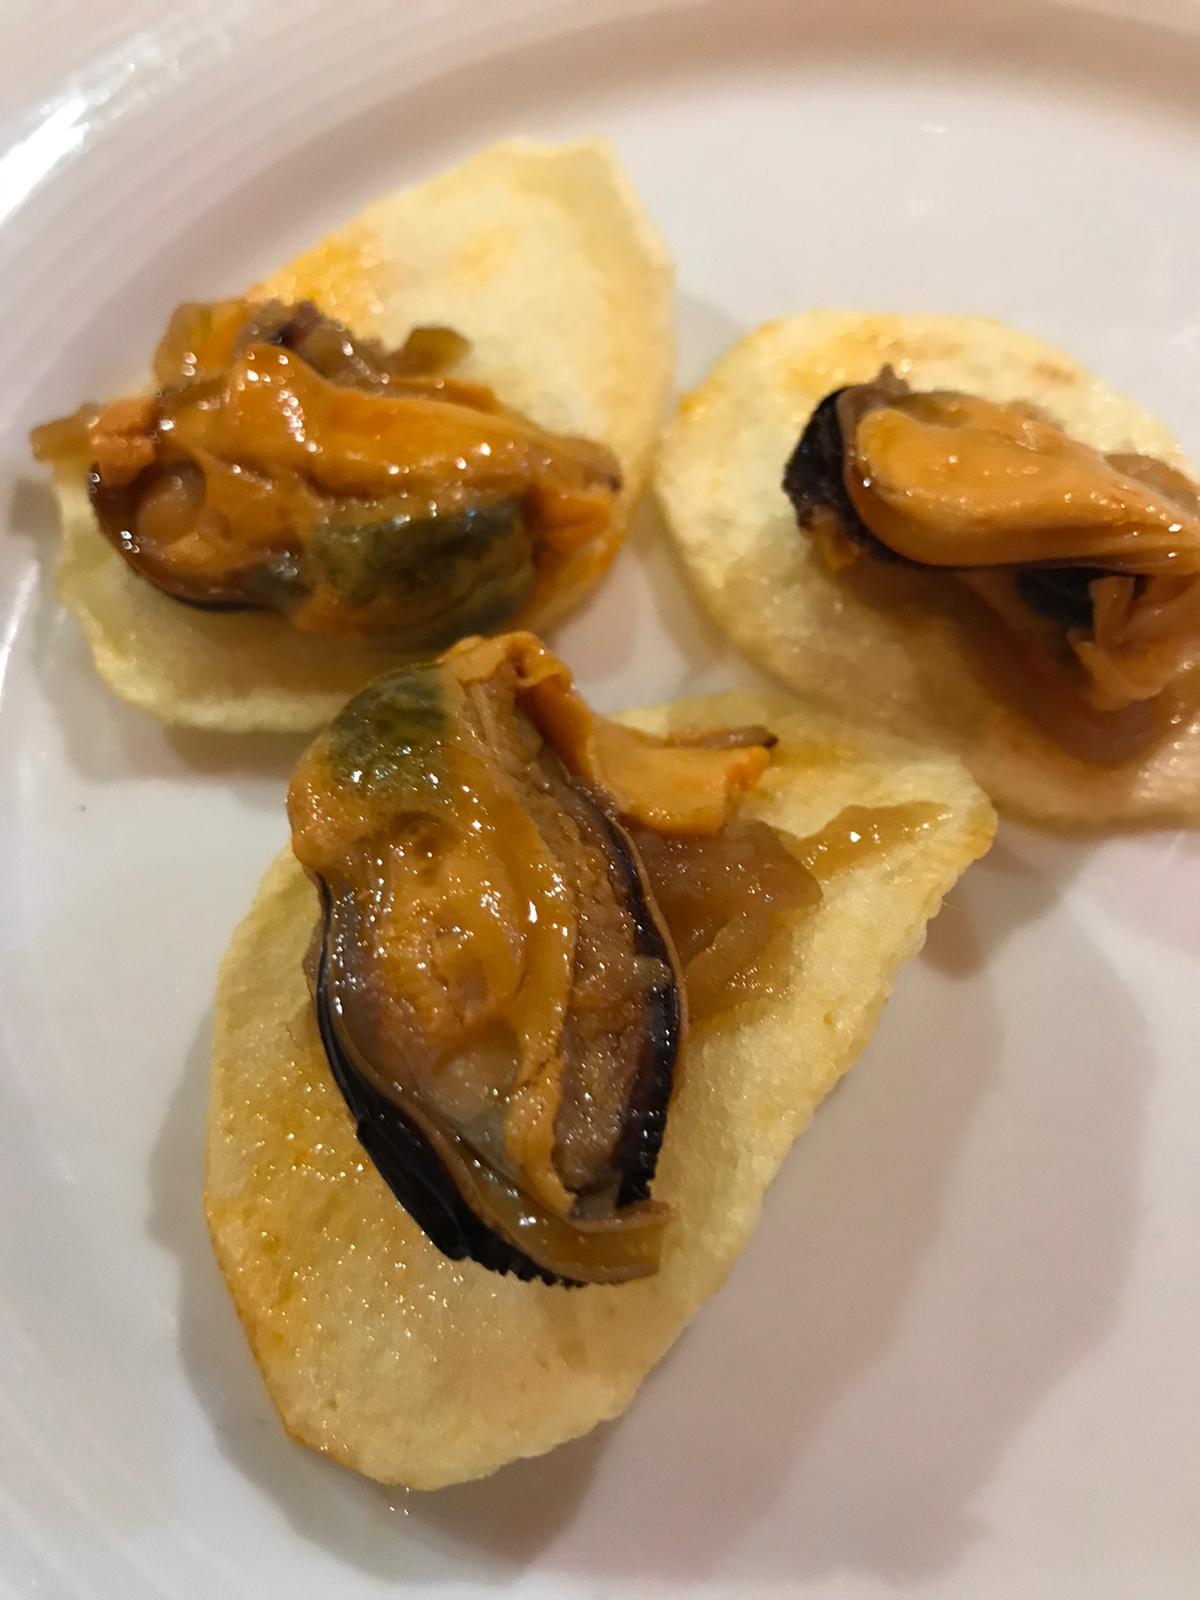 Reseñas gastronómicas: Restaurante El Pasaje en Santiago de Compostela 3